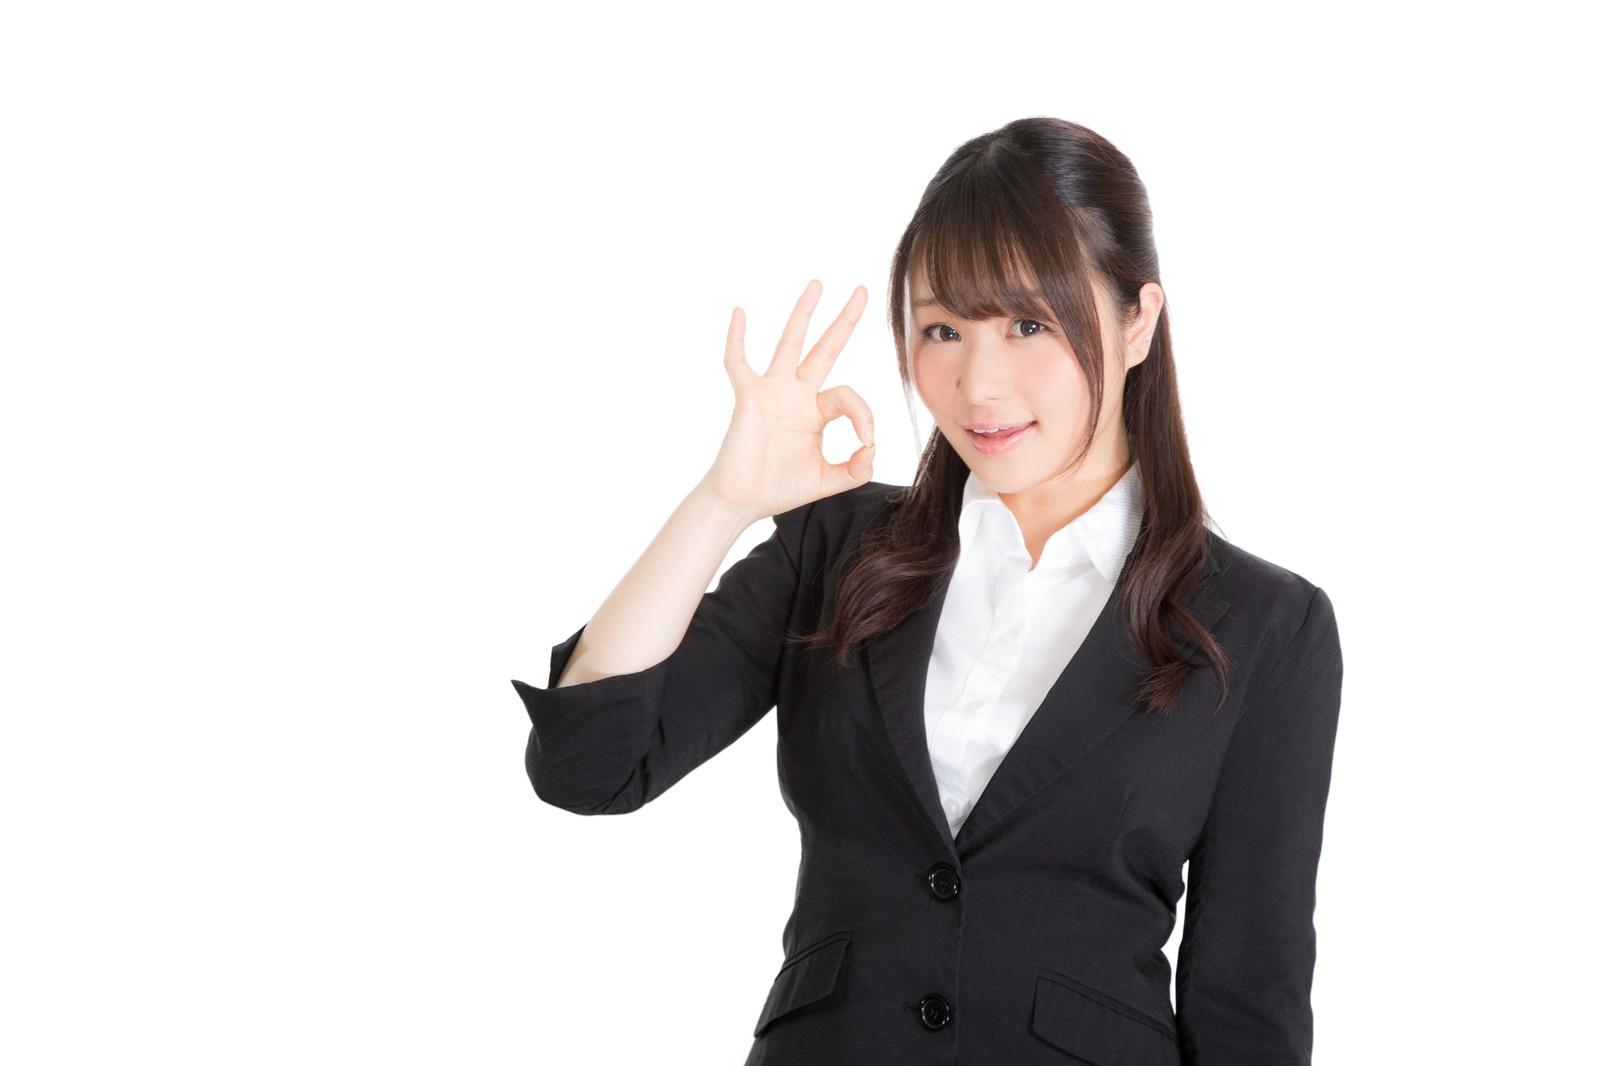 韓国語で「大丈夫」を伝えるときに使える表現&フレーズ